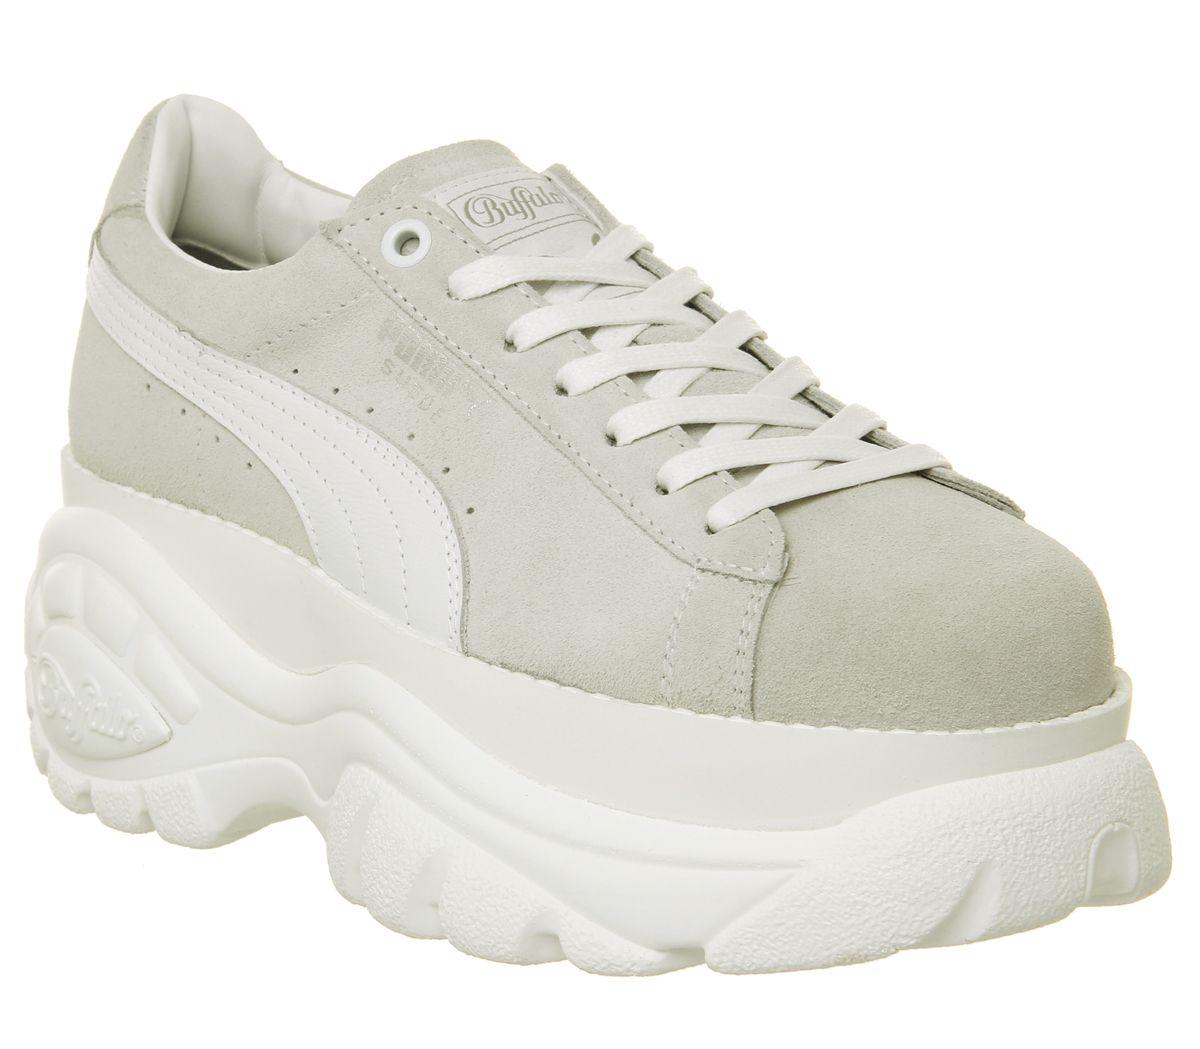 3475b0b5a14762 SENTINEL Donna Puma Suede Buffalo Puma scarpe da ginnastica scarpe bianco